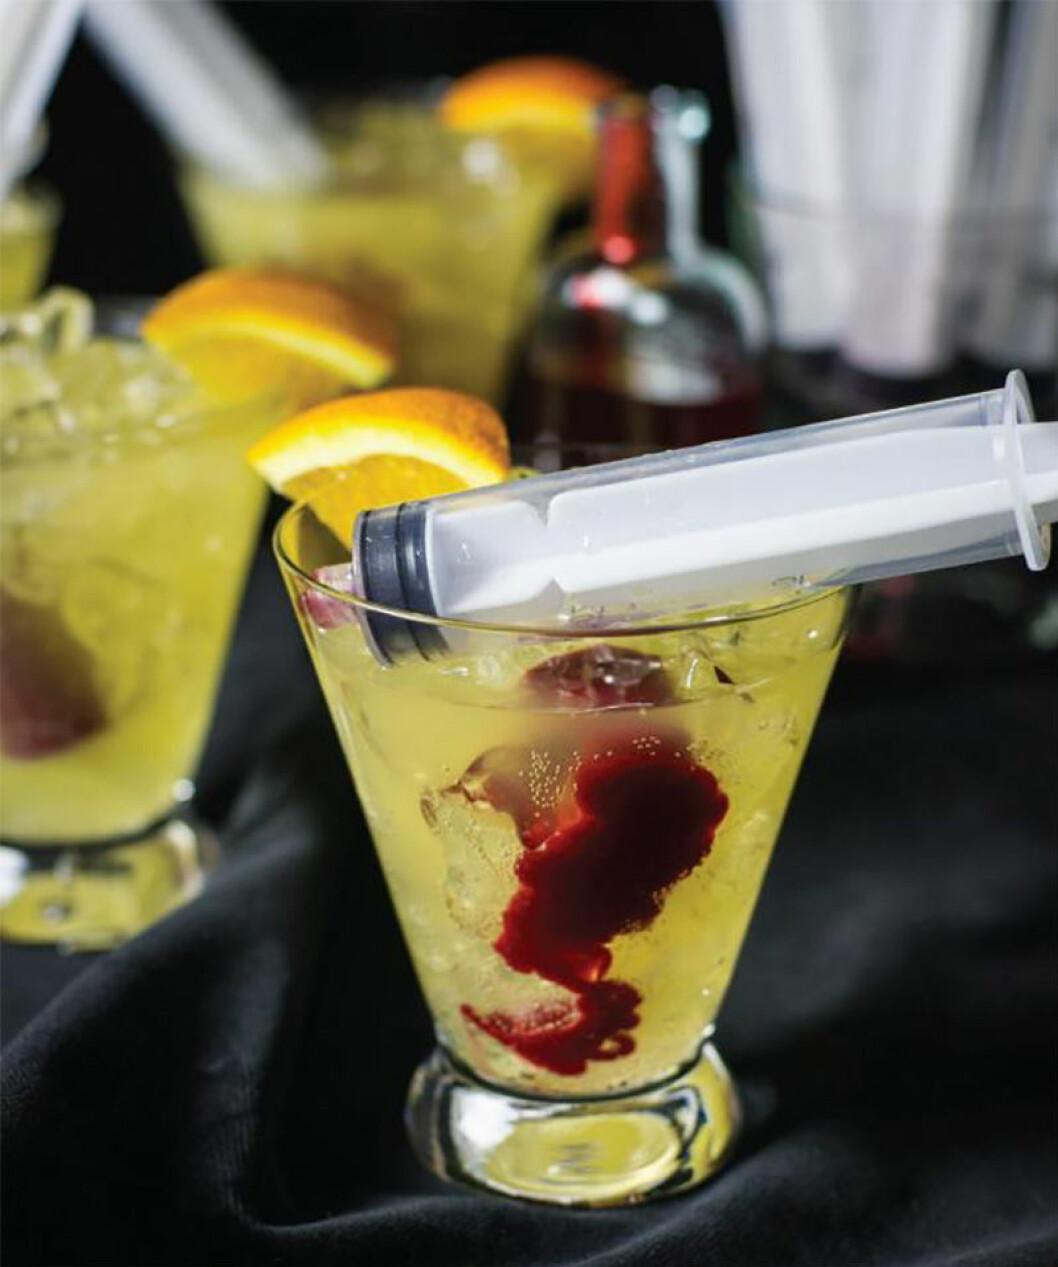 The Syringe.